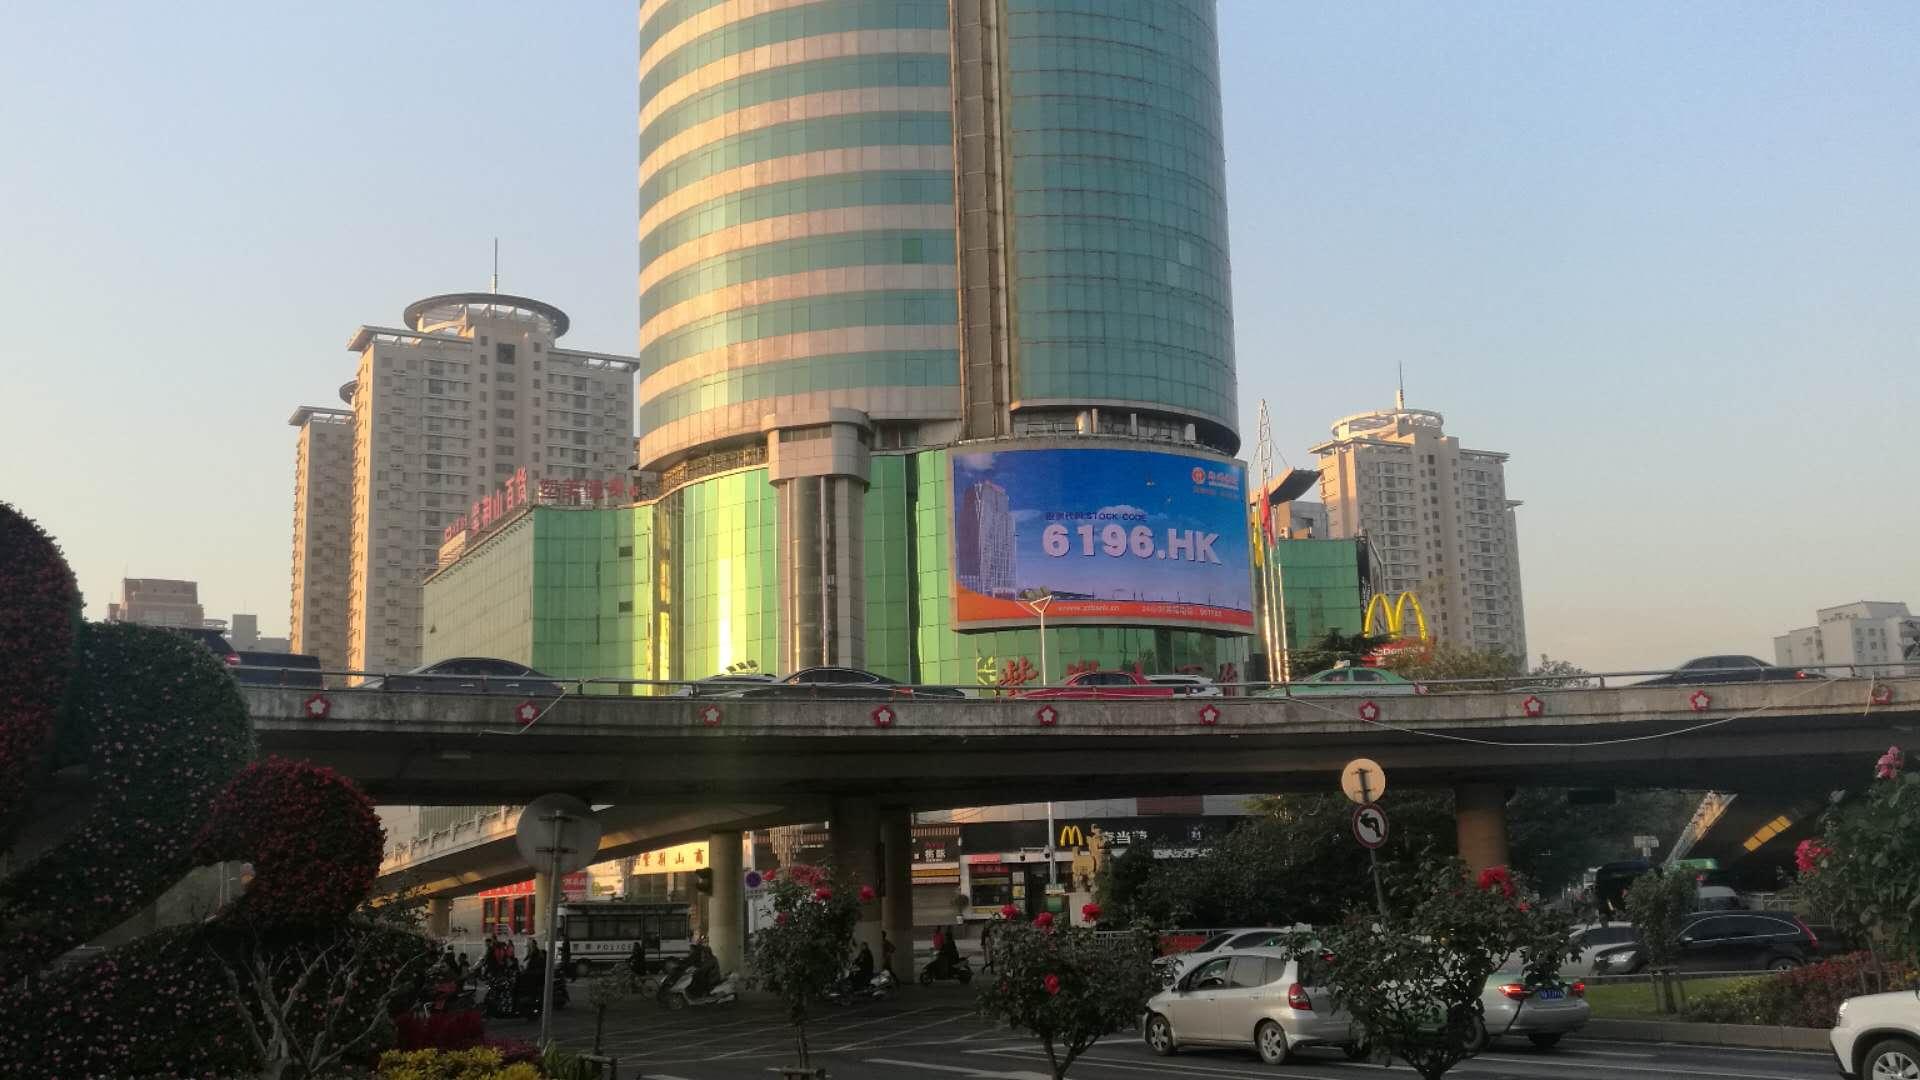 郑州紫荆山立交百货大楼LED户外大屏幕广告-易播网